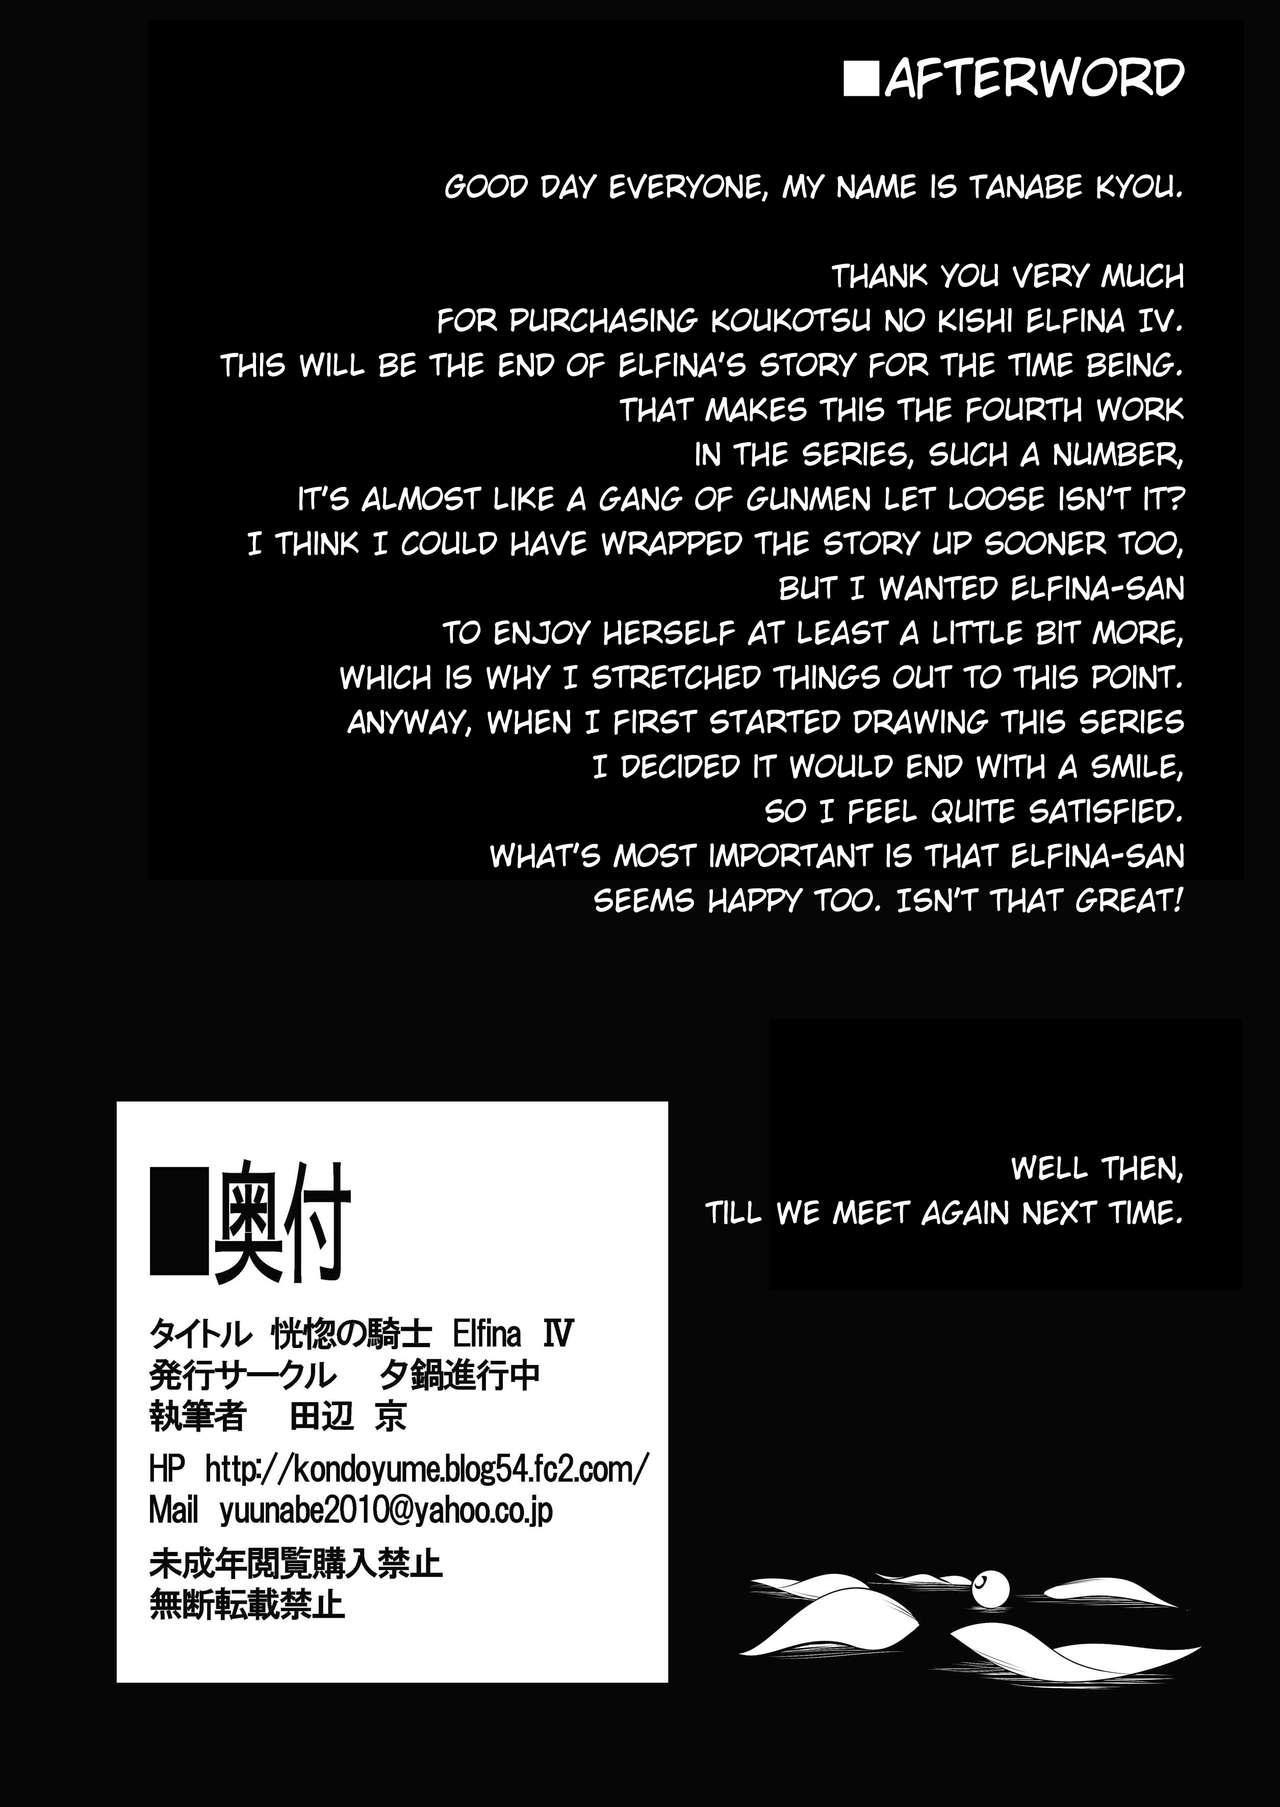 Koukotsu no Kishi Elfina IV 32